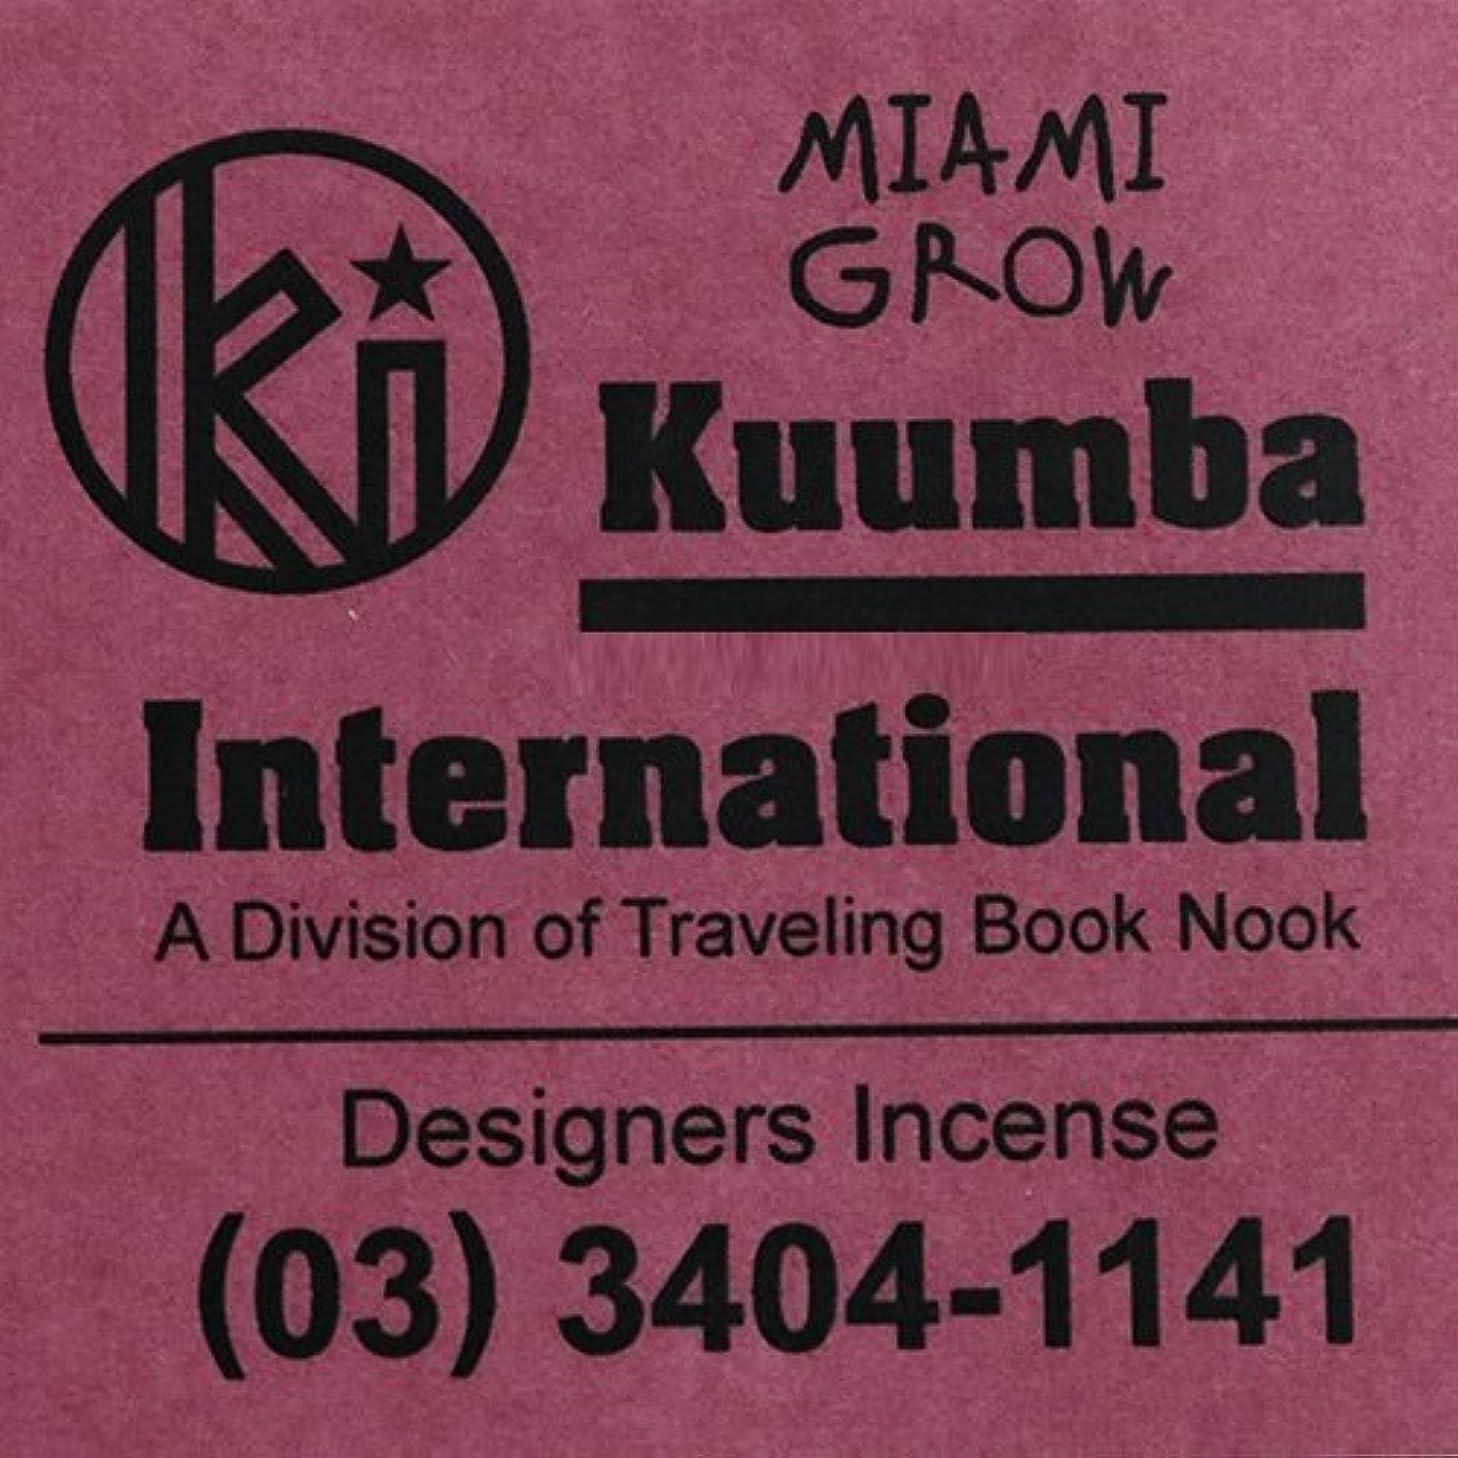 歩き回るページ風変わりな(クンバ) KUUMBA『incense』(MIAMI GROW) (Regular size)